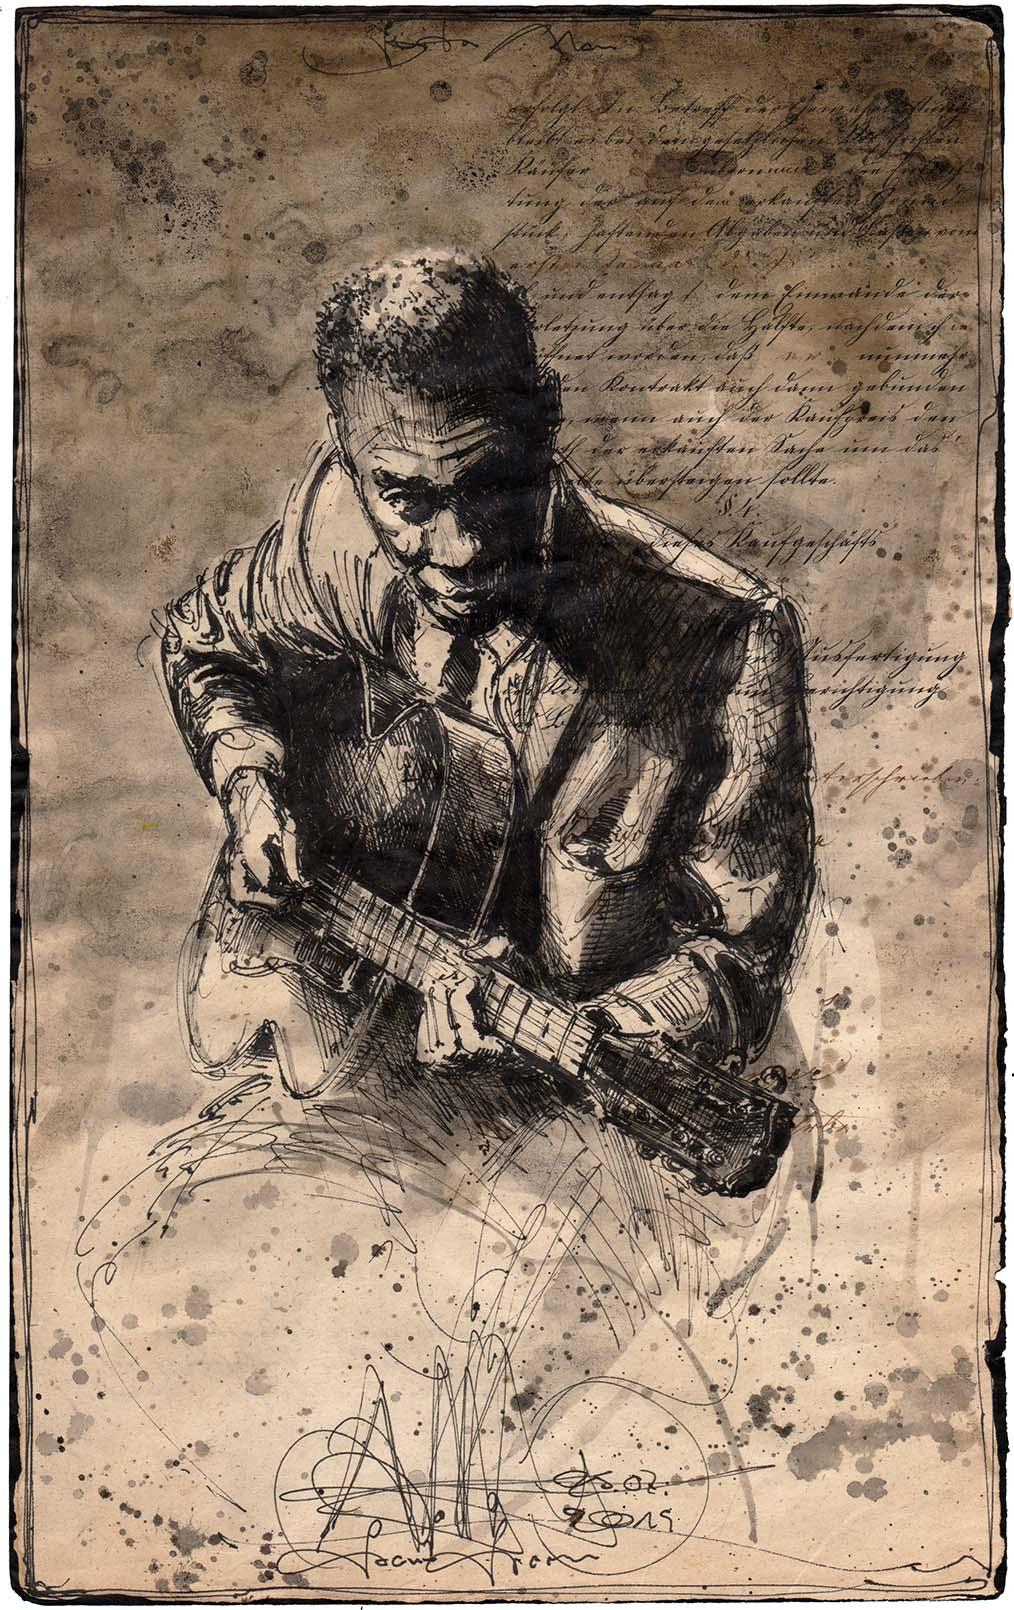 Guitar Man - Grant Green